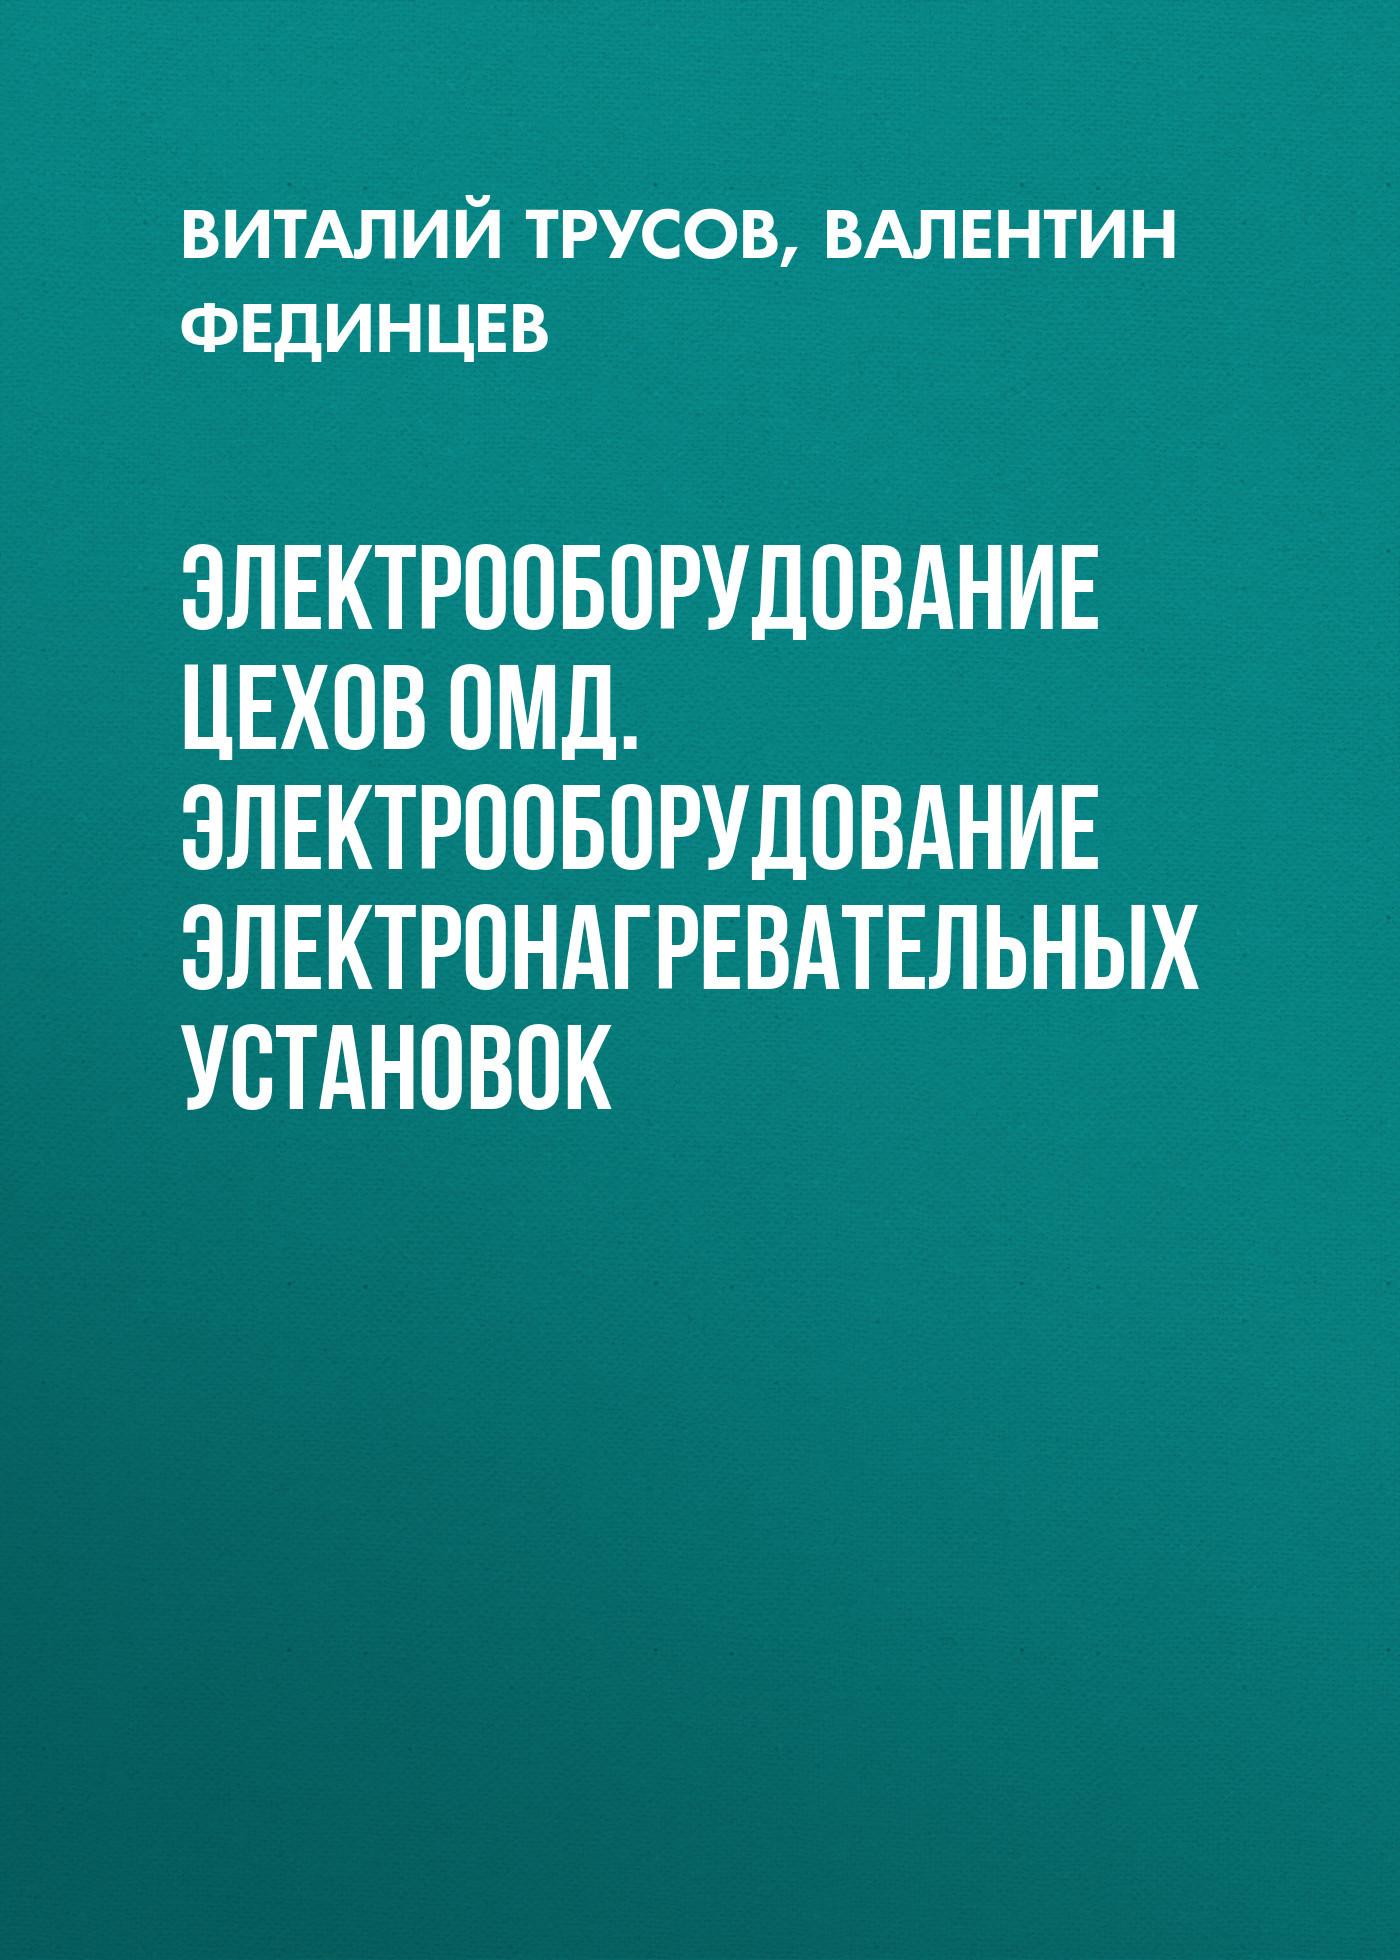 В. Е. Фединцев Электрооборудование цехов ОМД. Электрооборудование электронагревательных установок